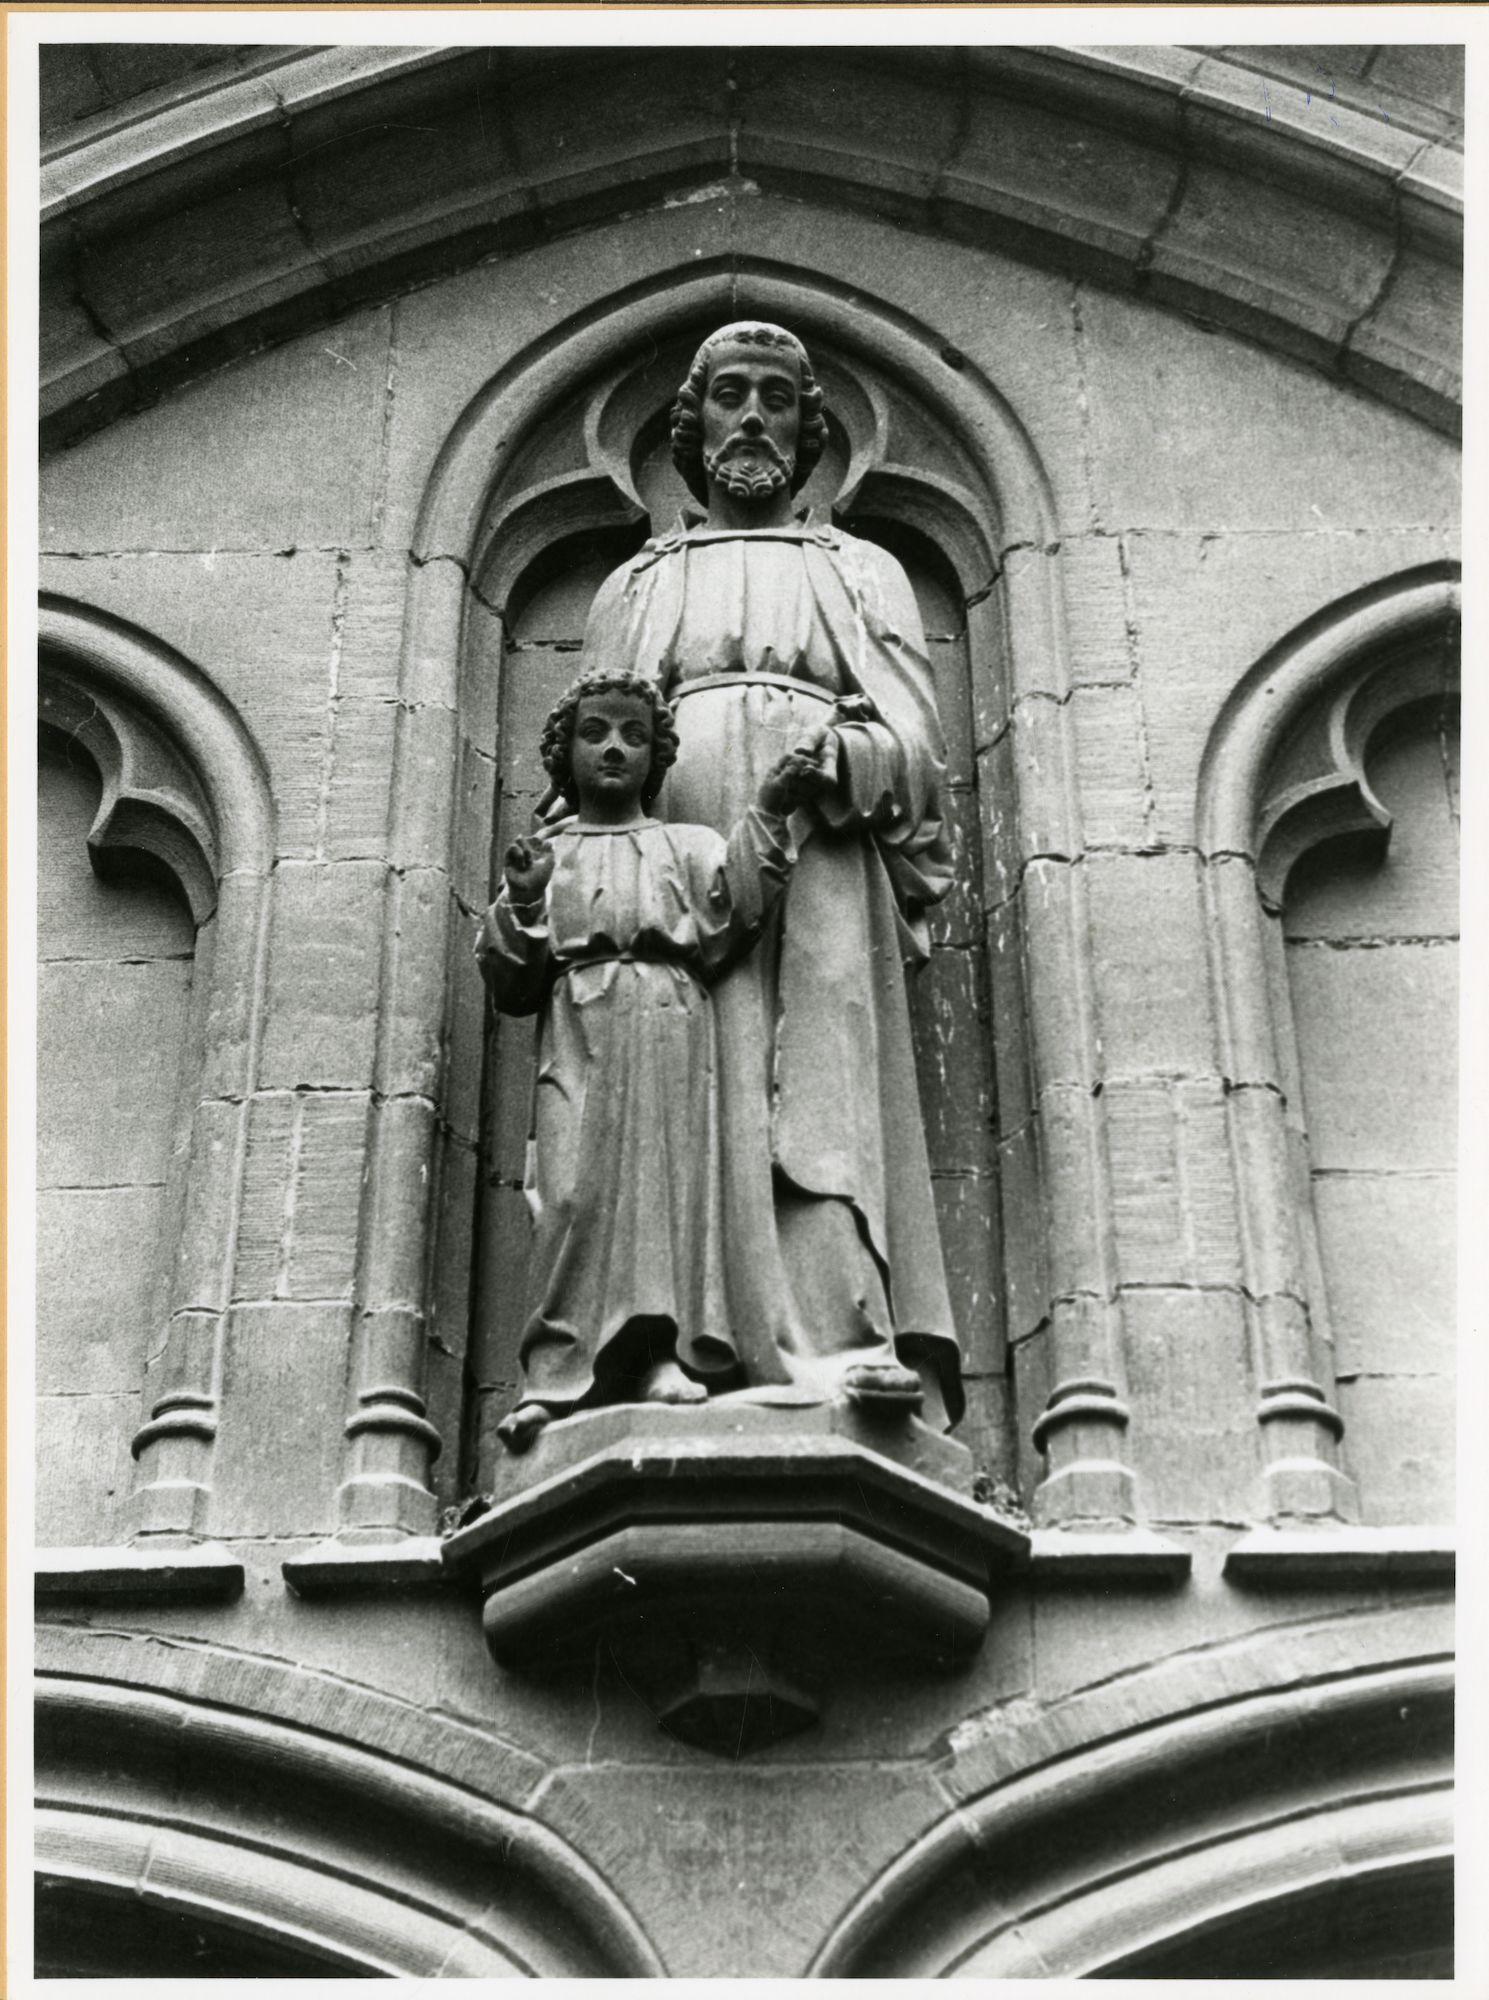 Gent: Bij St-Jacobs: Nis met beeld: Heilige Jozef met Kind